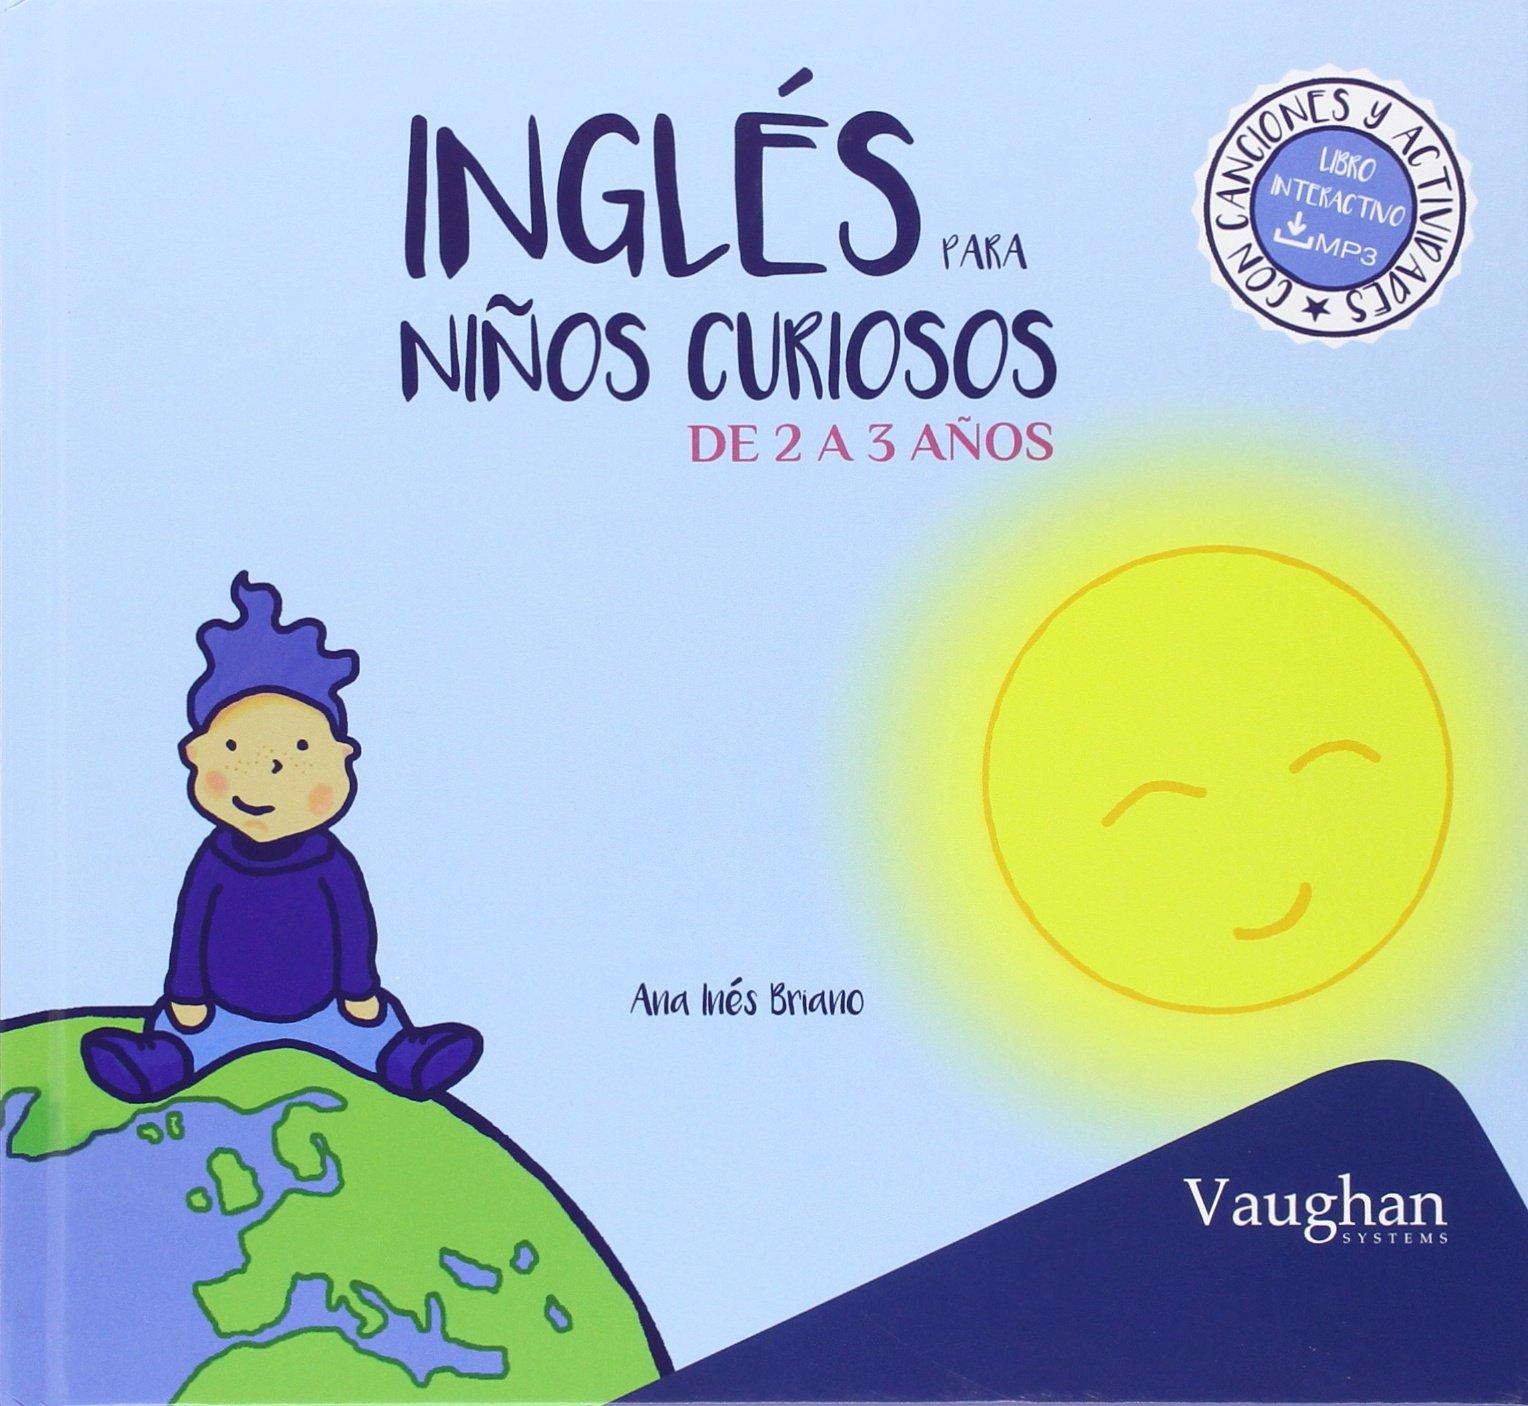 Inglés para niños curiosos de 2 a 3 años: Amazon.es: Ana Inés Briano: Libros